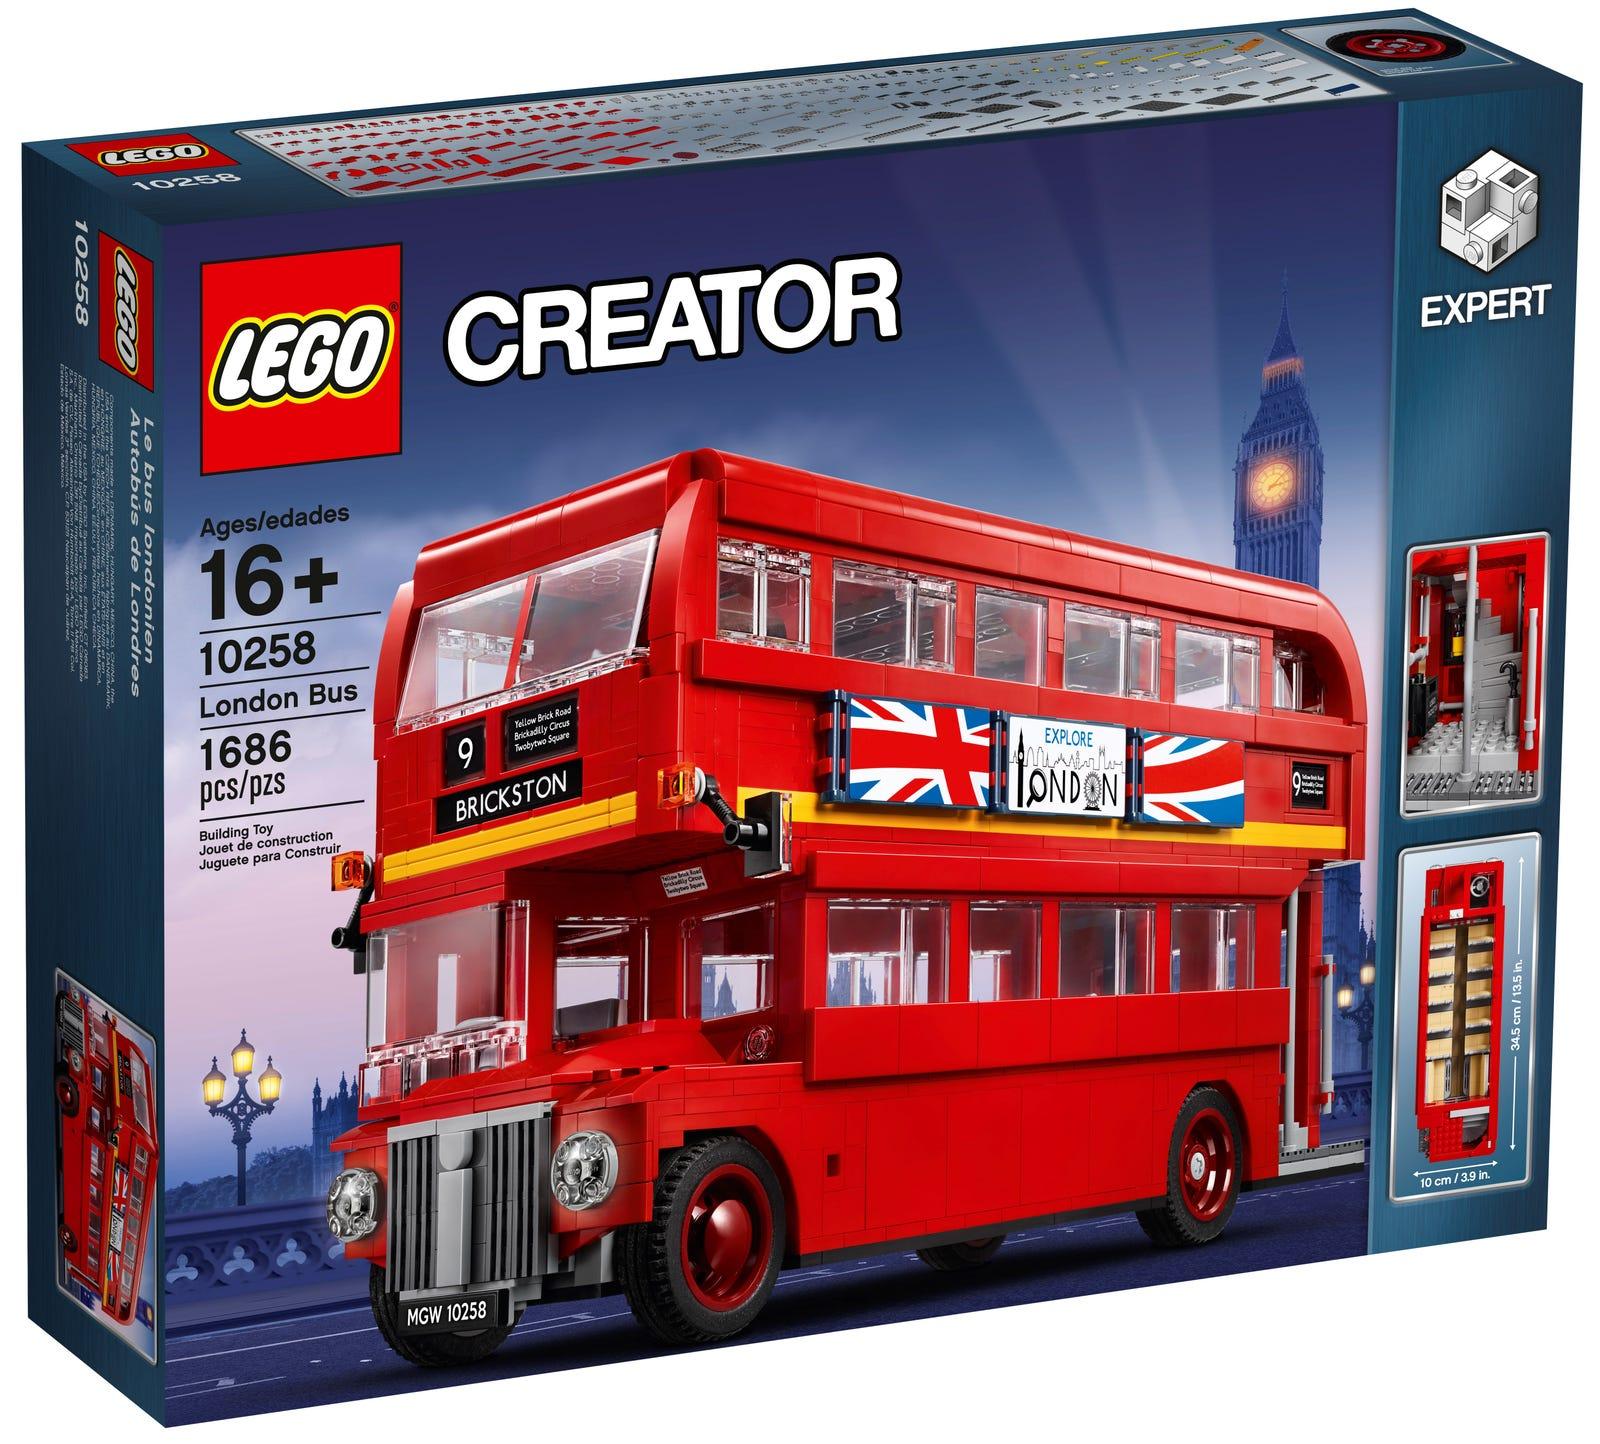 商品包邮 | creator系列伦敦双层巴士 10258【G洛杉矶直发】图片